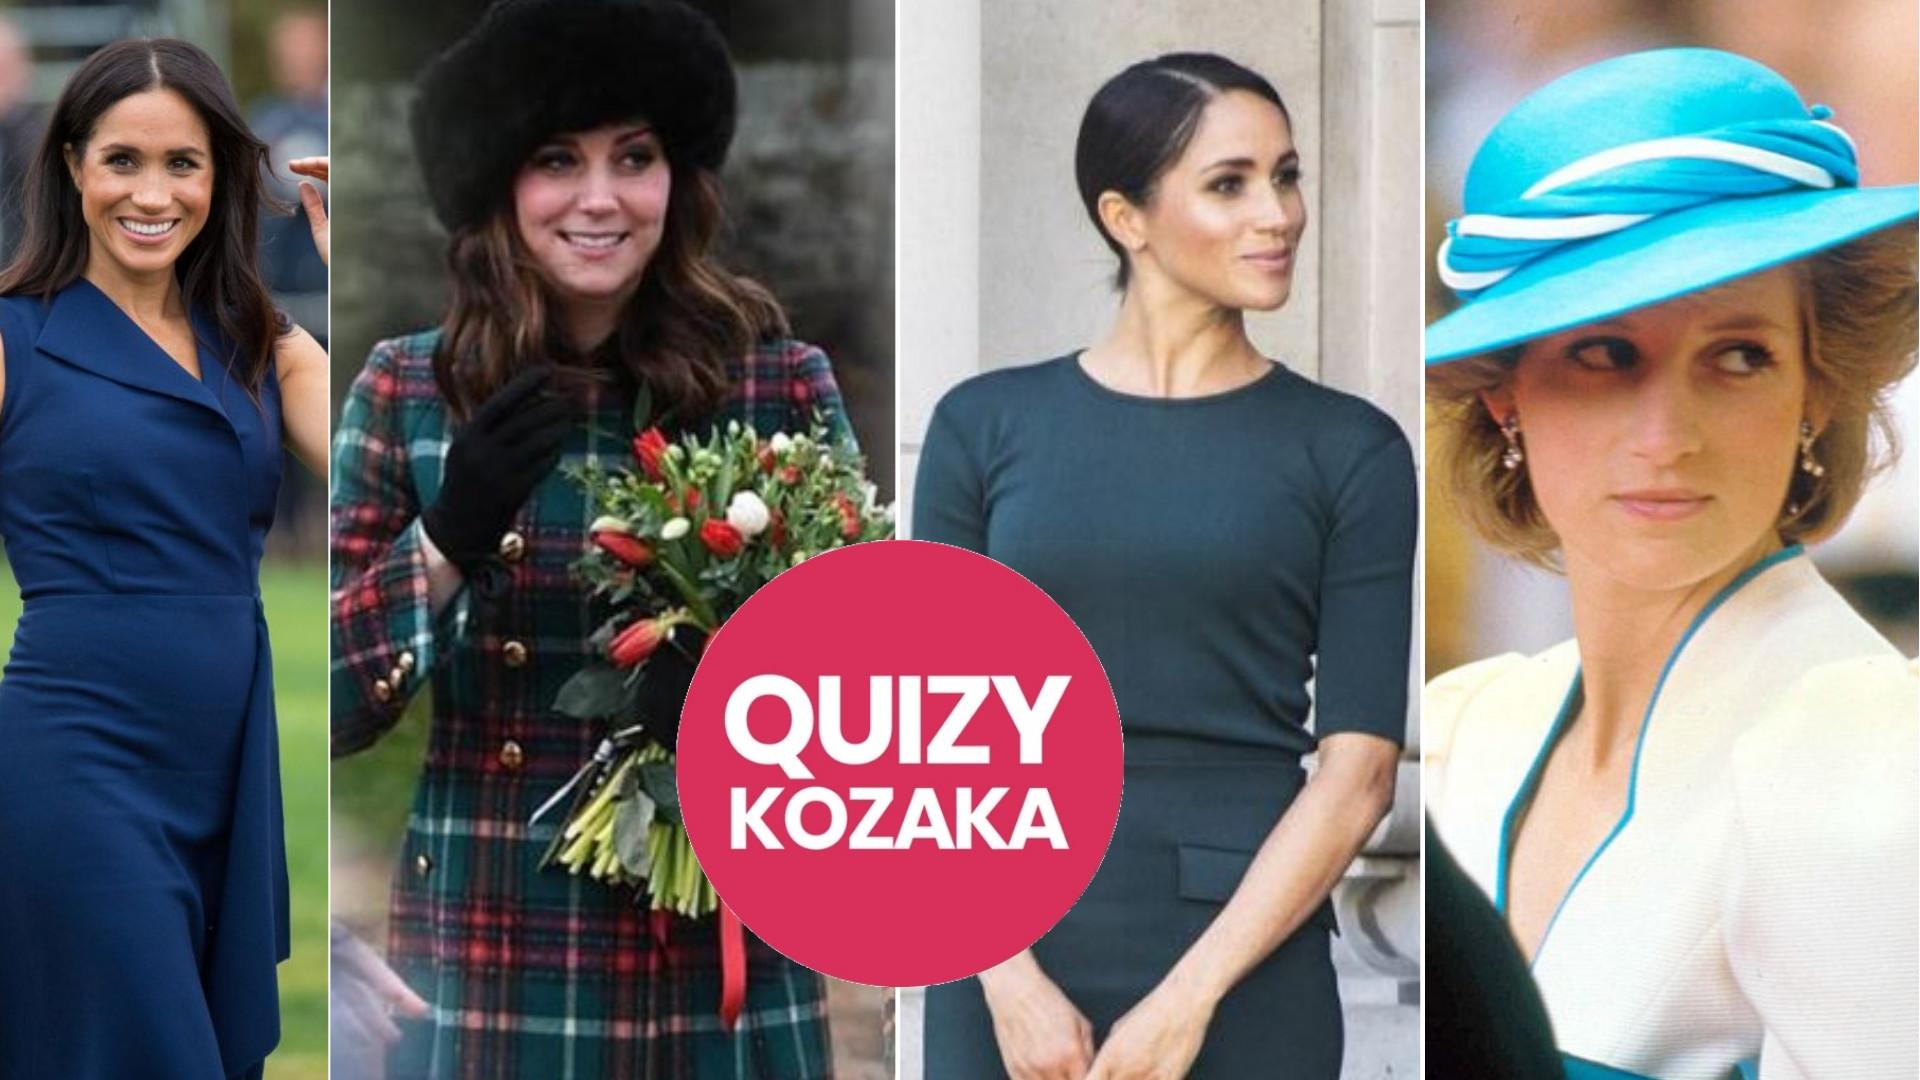 Sprawdź jaką byłabyś księżną. Dałabyś radę przeżyć w Pałacu Buckingham? (QUIZ)